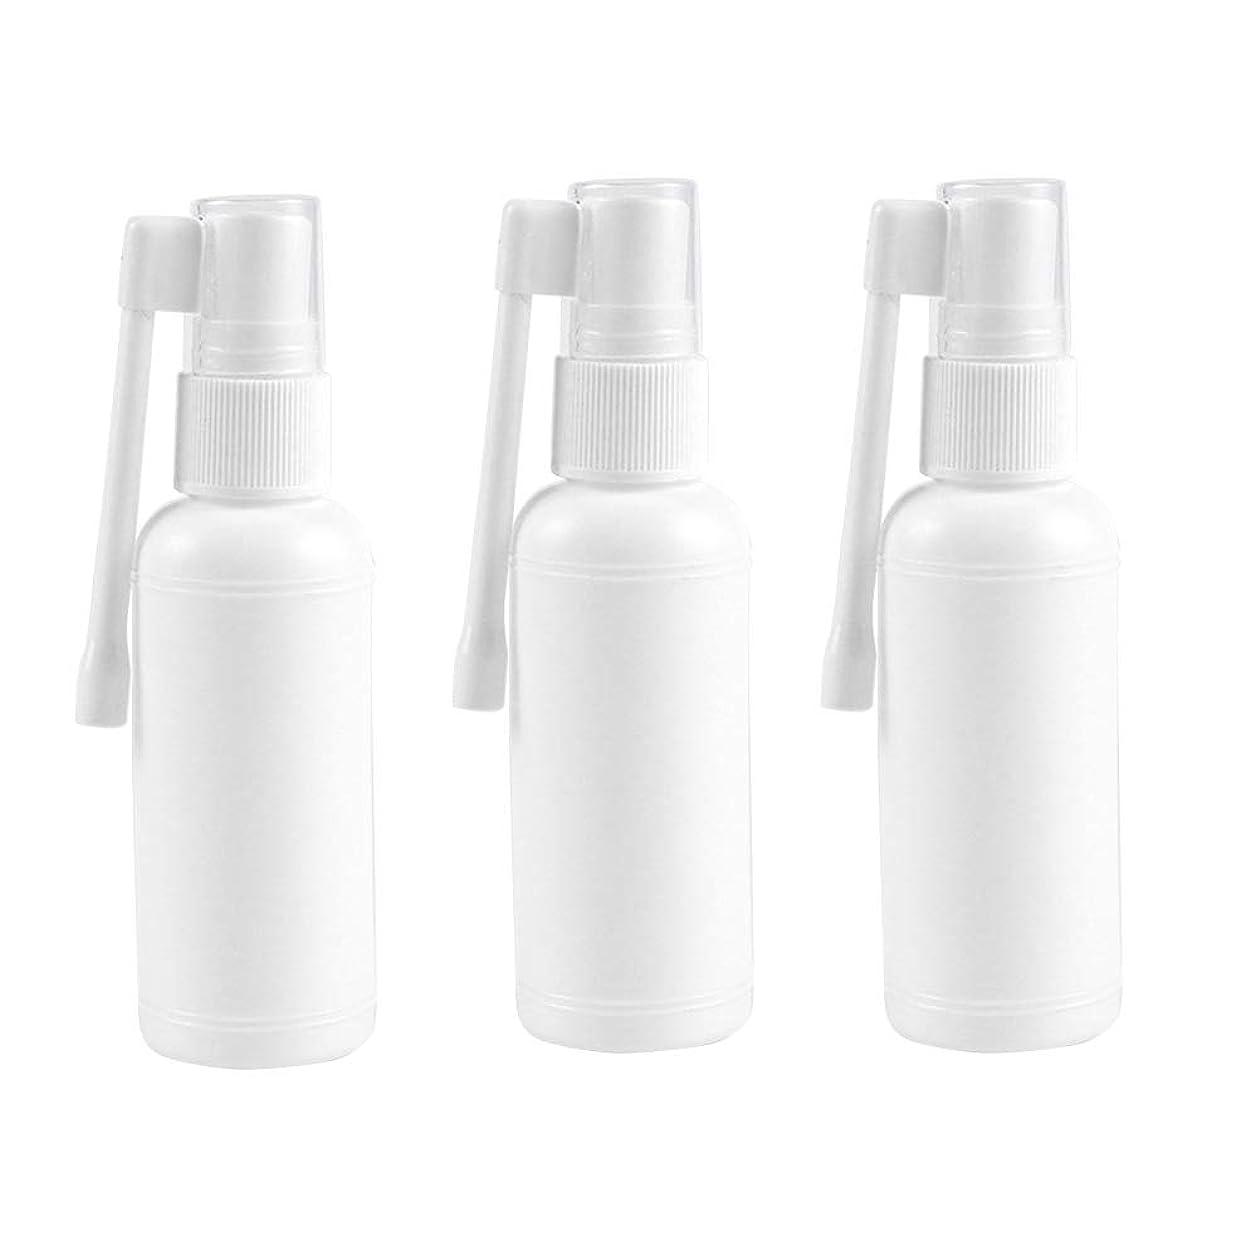 ドア薄暗い相互接続Healifty 20mlポータブル鼻腔用スプレーボトル鼻炎詰め替え式細かい霧空のスプレーボトル10個(ホワイト)